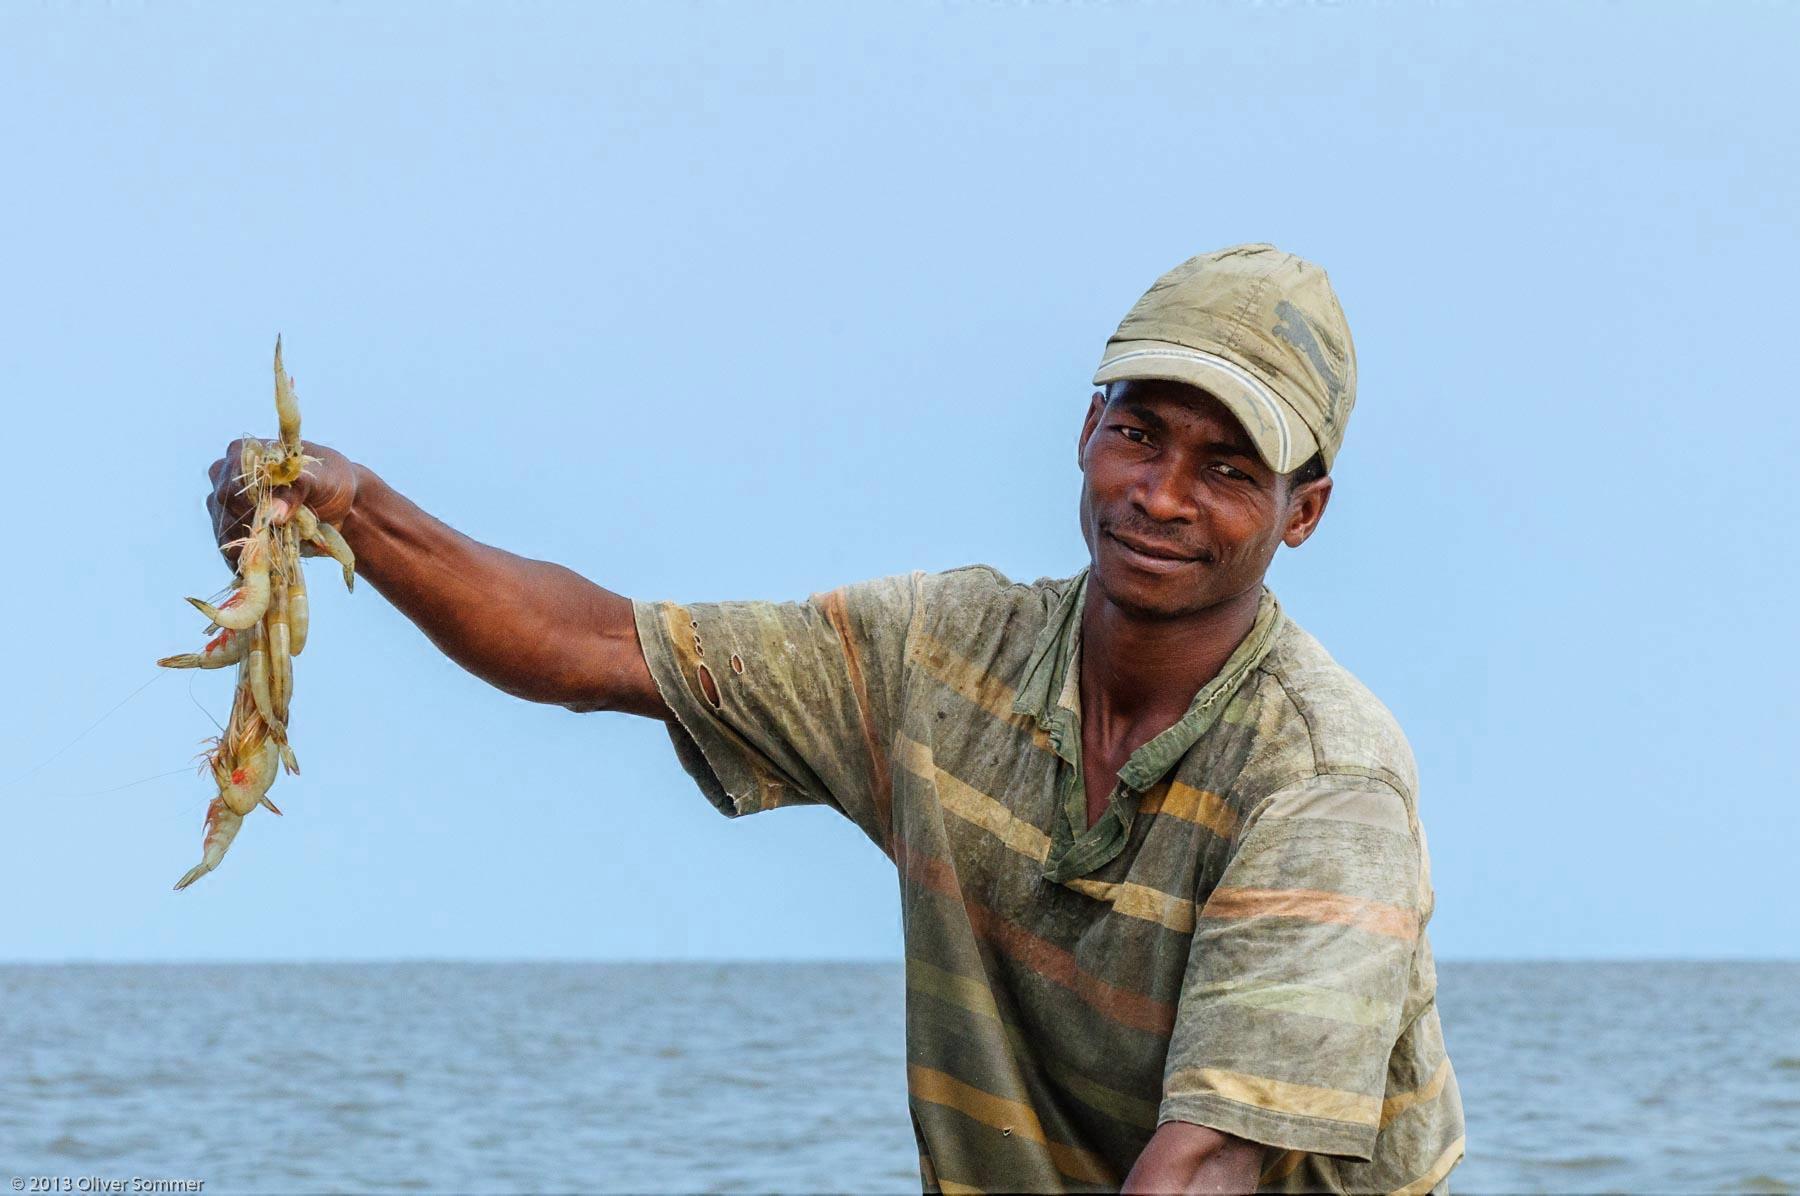 Fisherman Smiling Lifestyle Prawns Seafood Shrimp